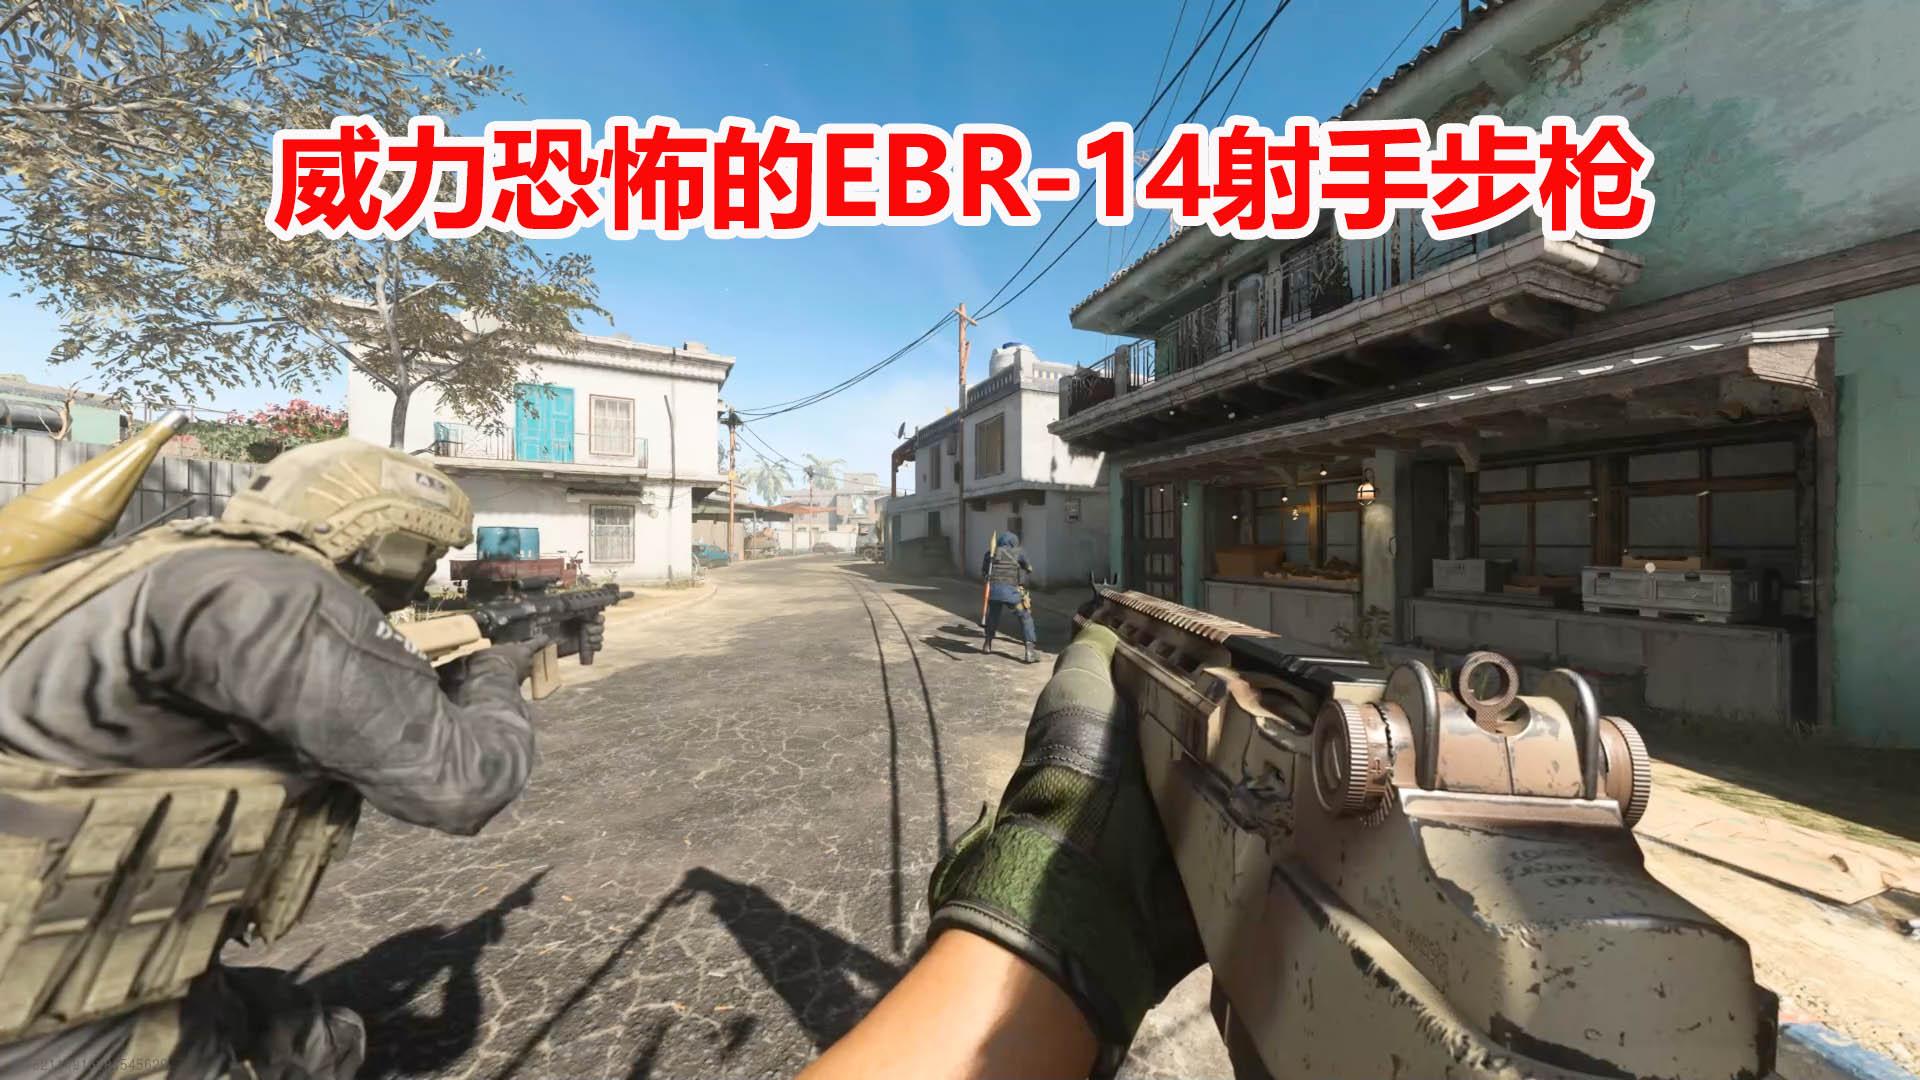 使命召唤16:威力恐怖的EBR-14射手步枪,裸枪配置下也如此给力